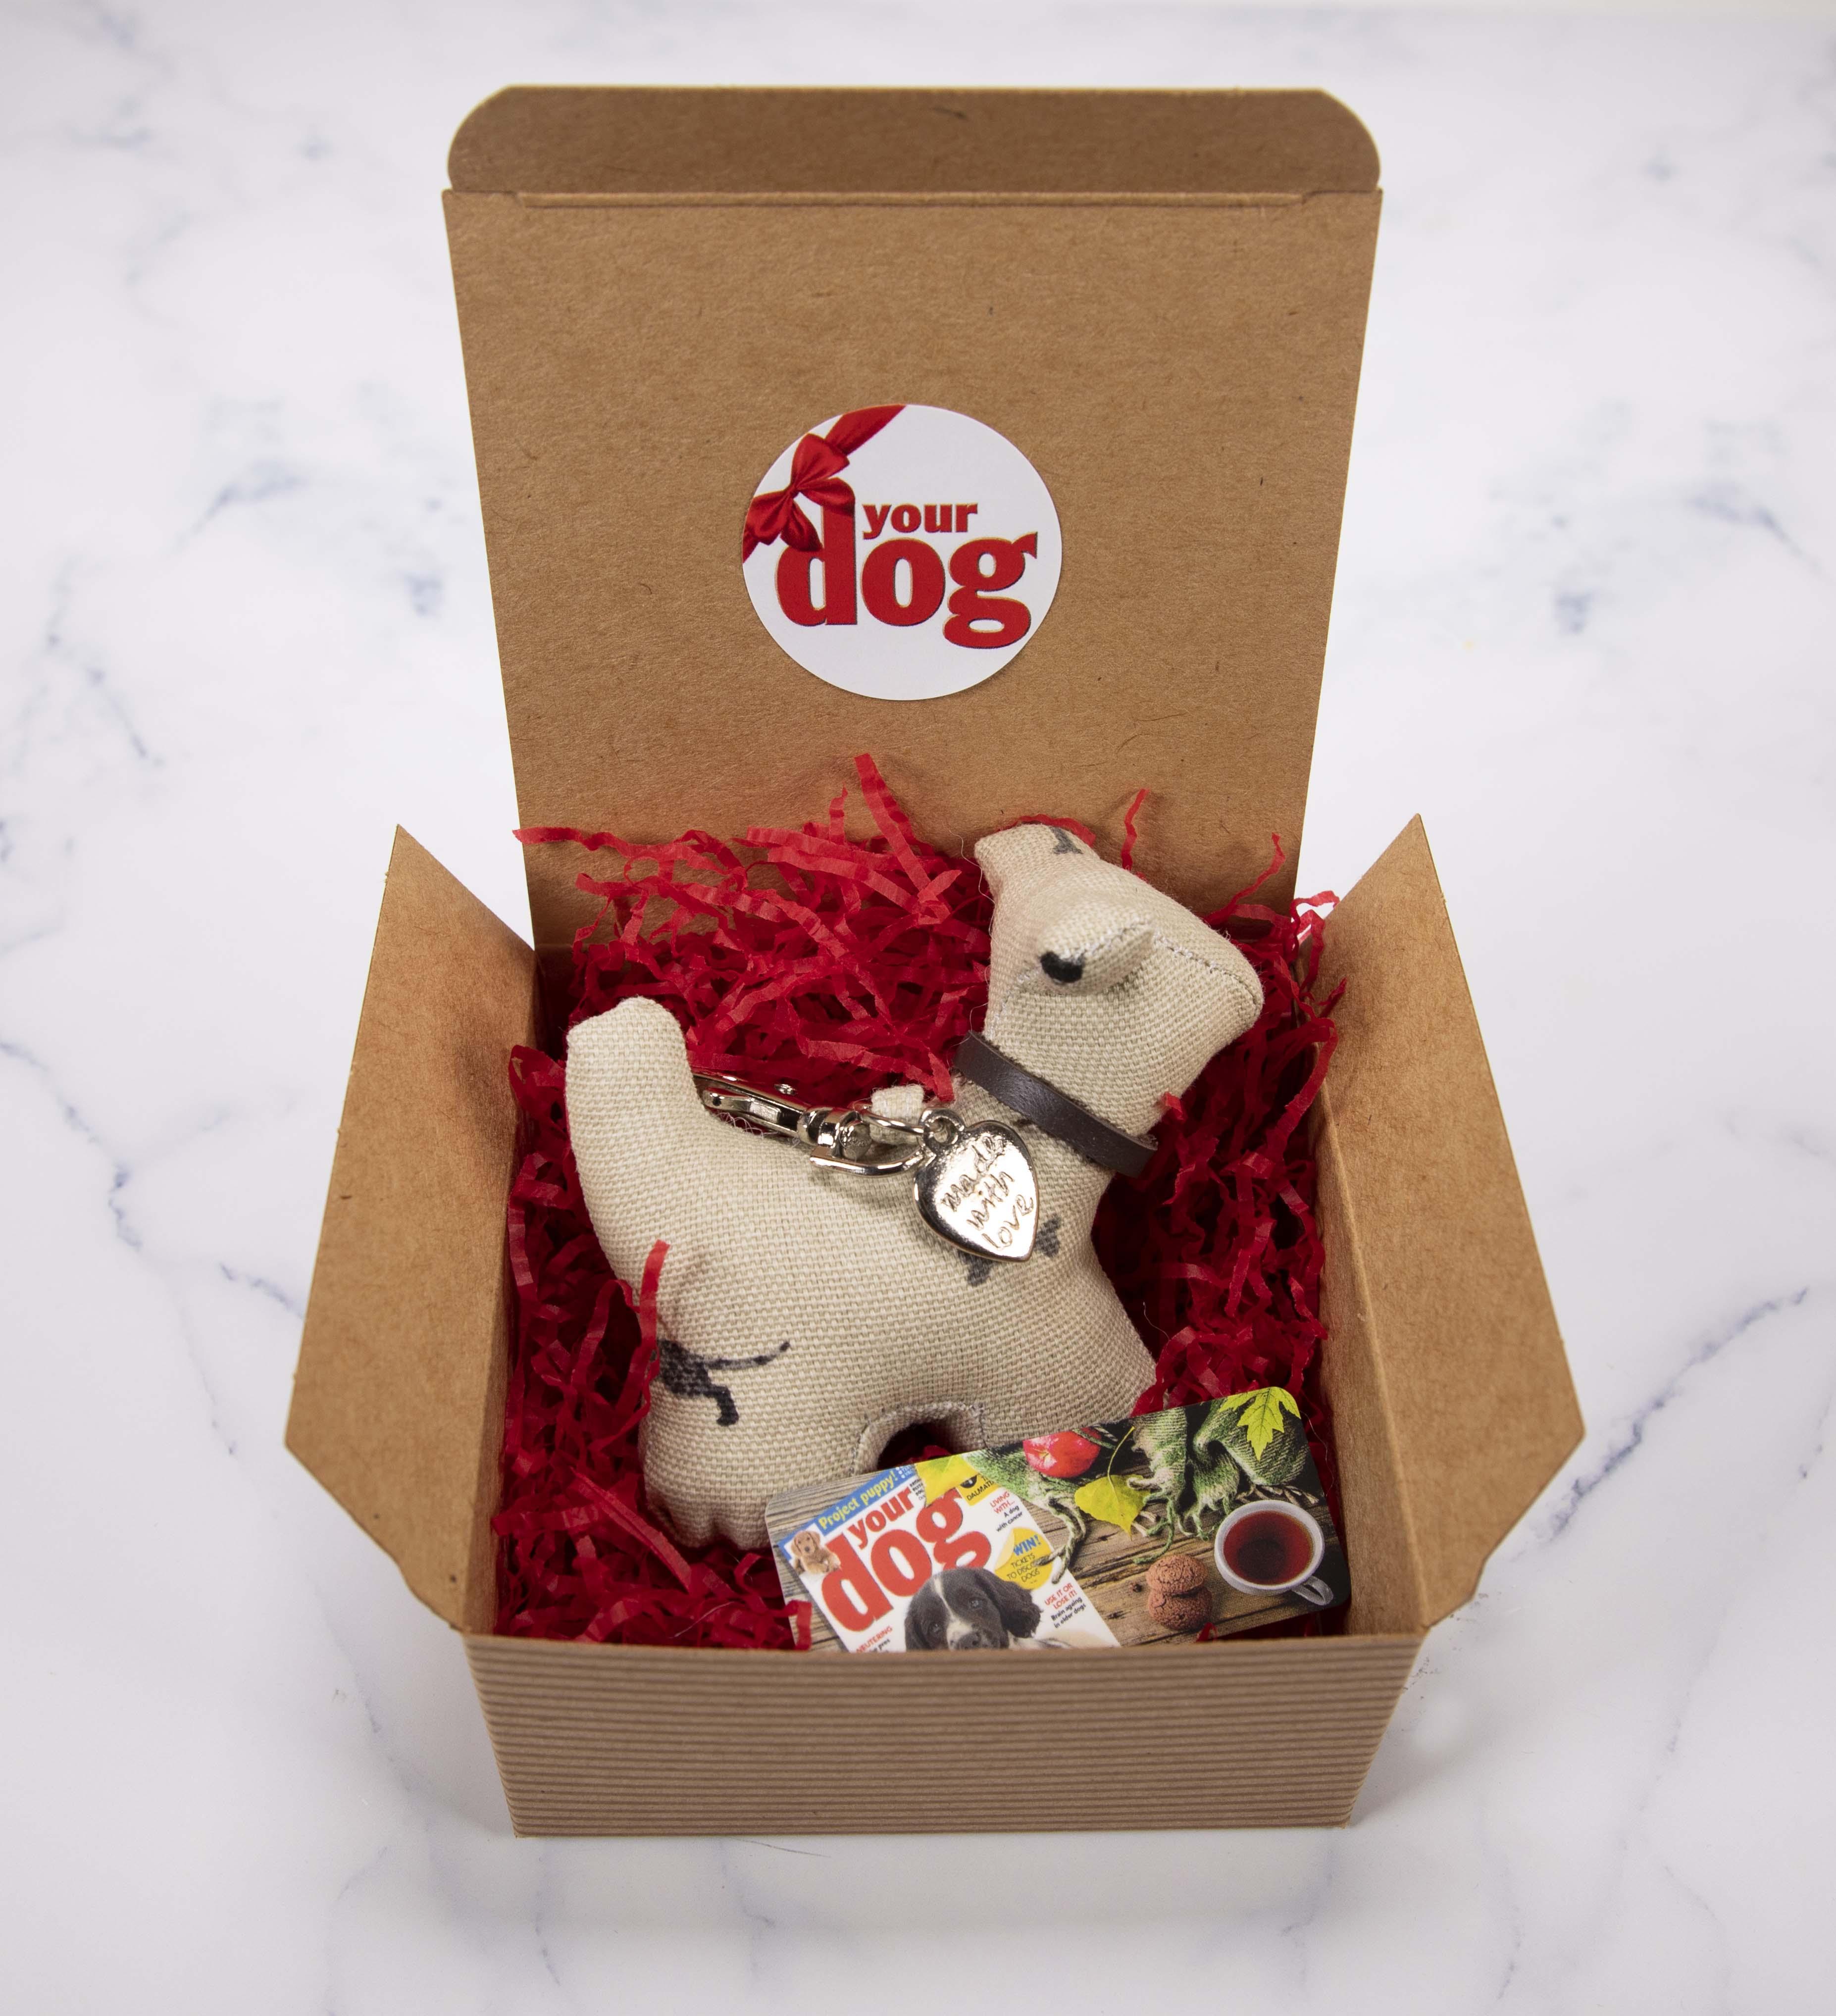 Free Gift: Your Dog Christmas Gift Box